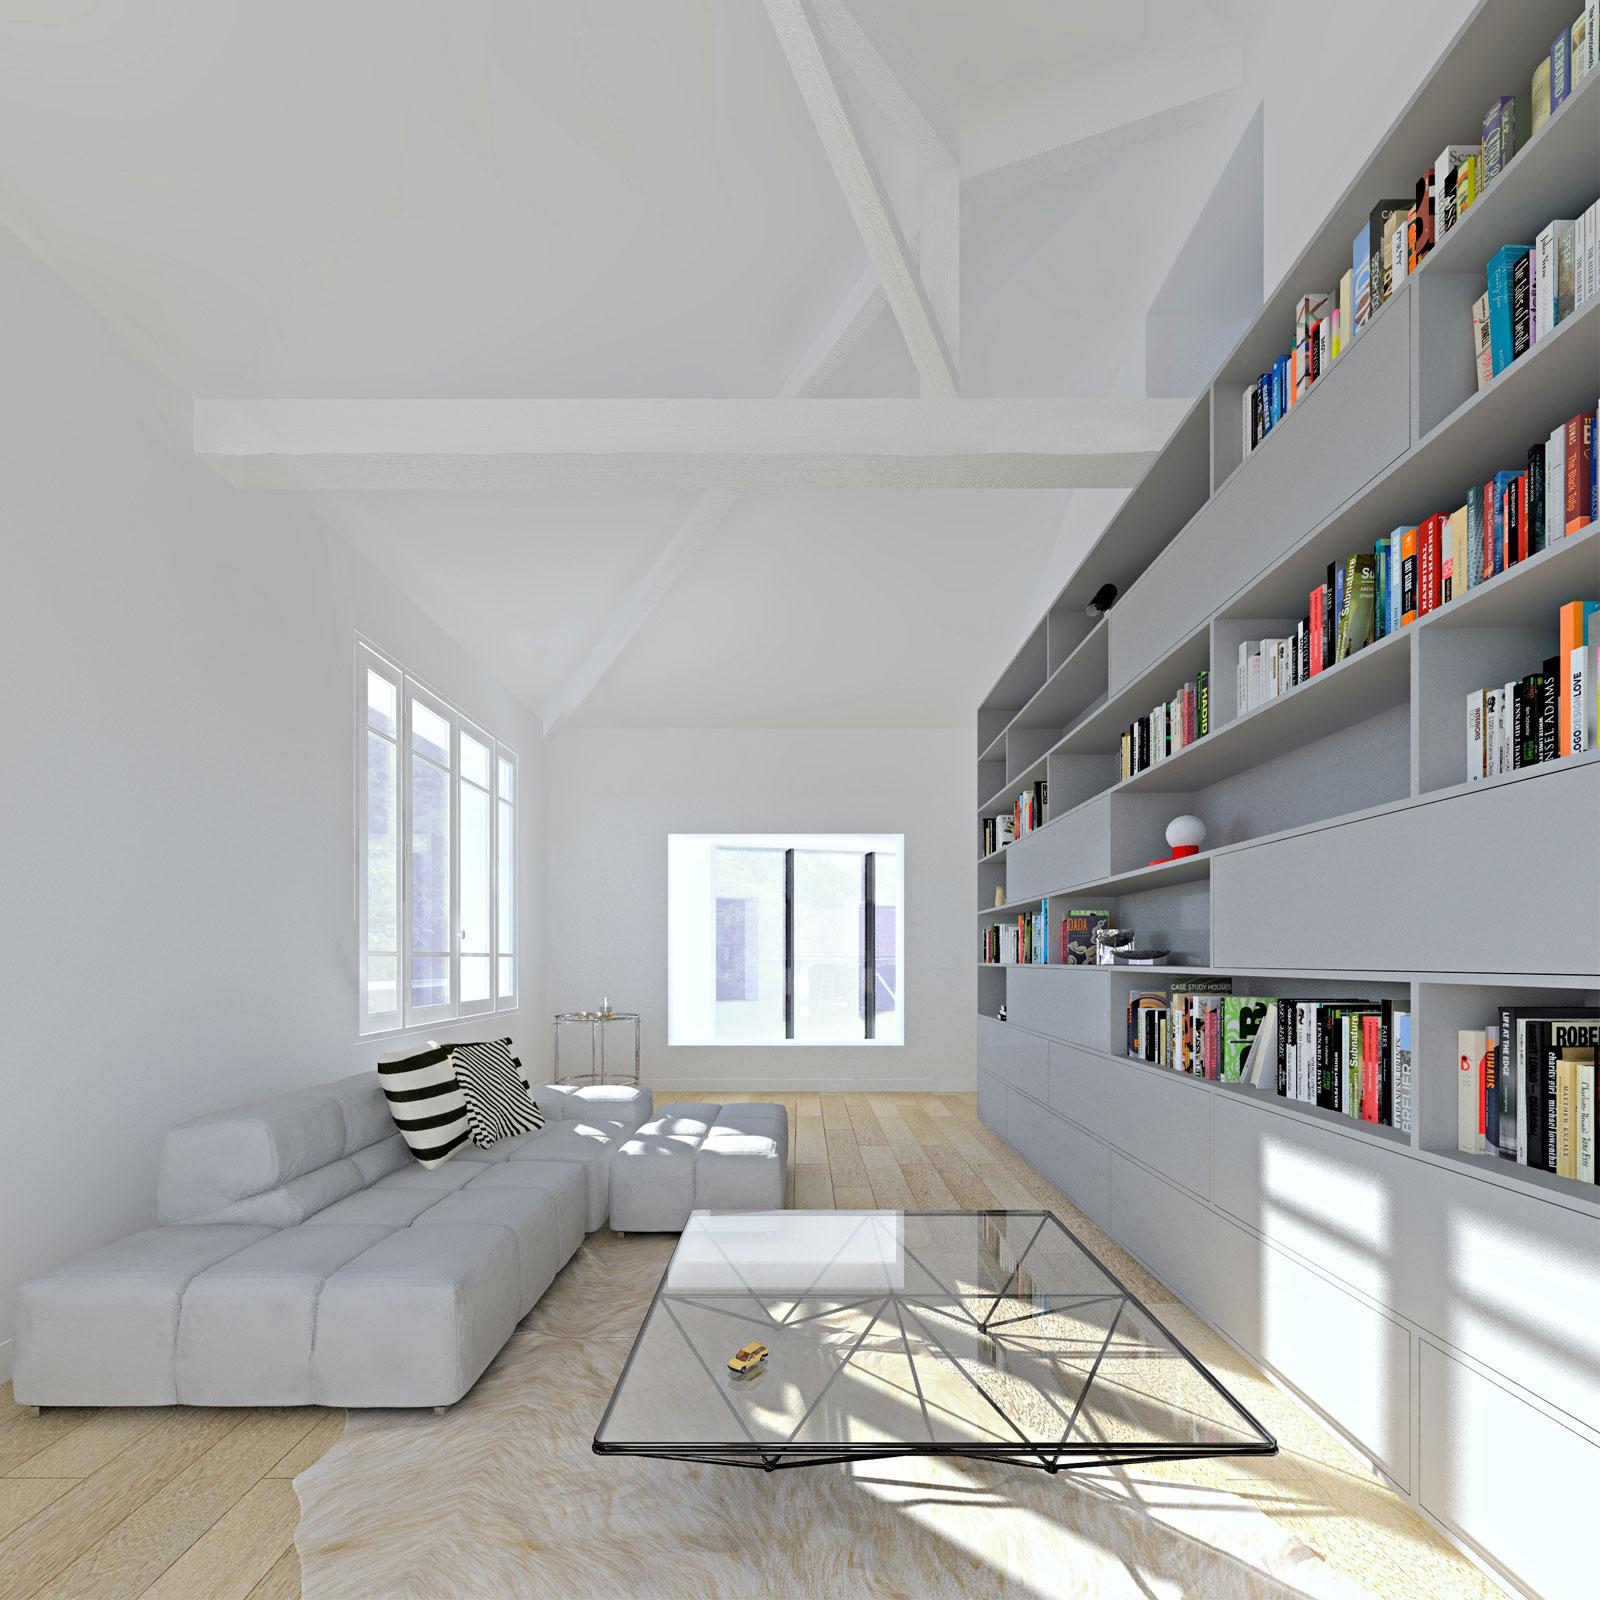 maison TL - heros architecture maison TL extension maison Orsay